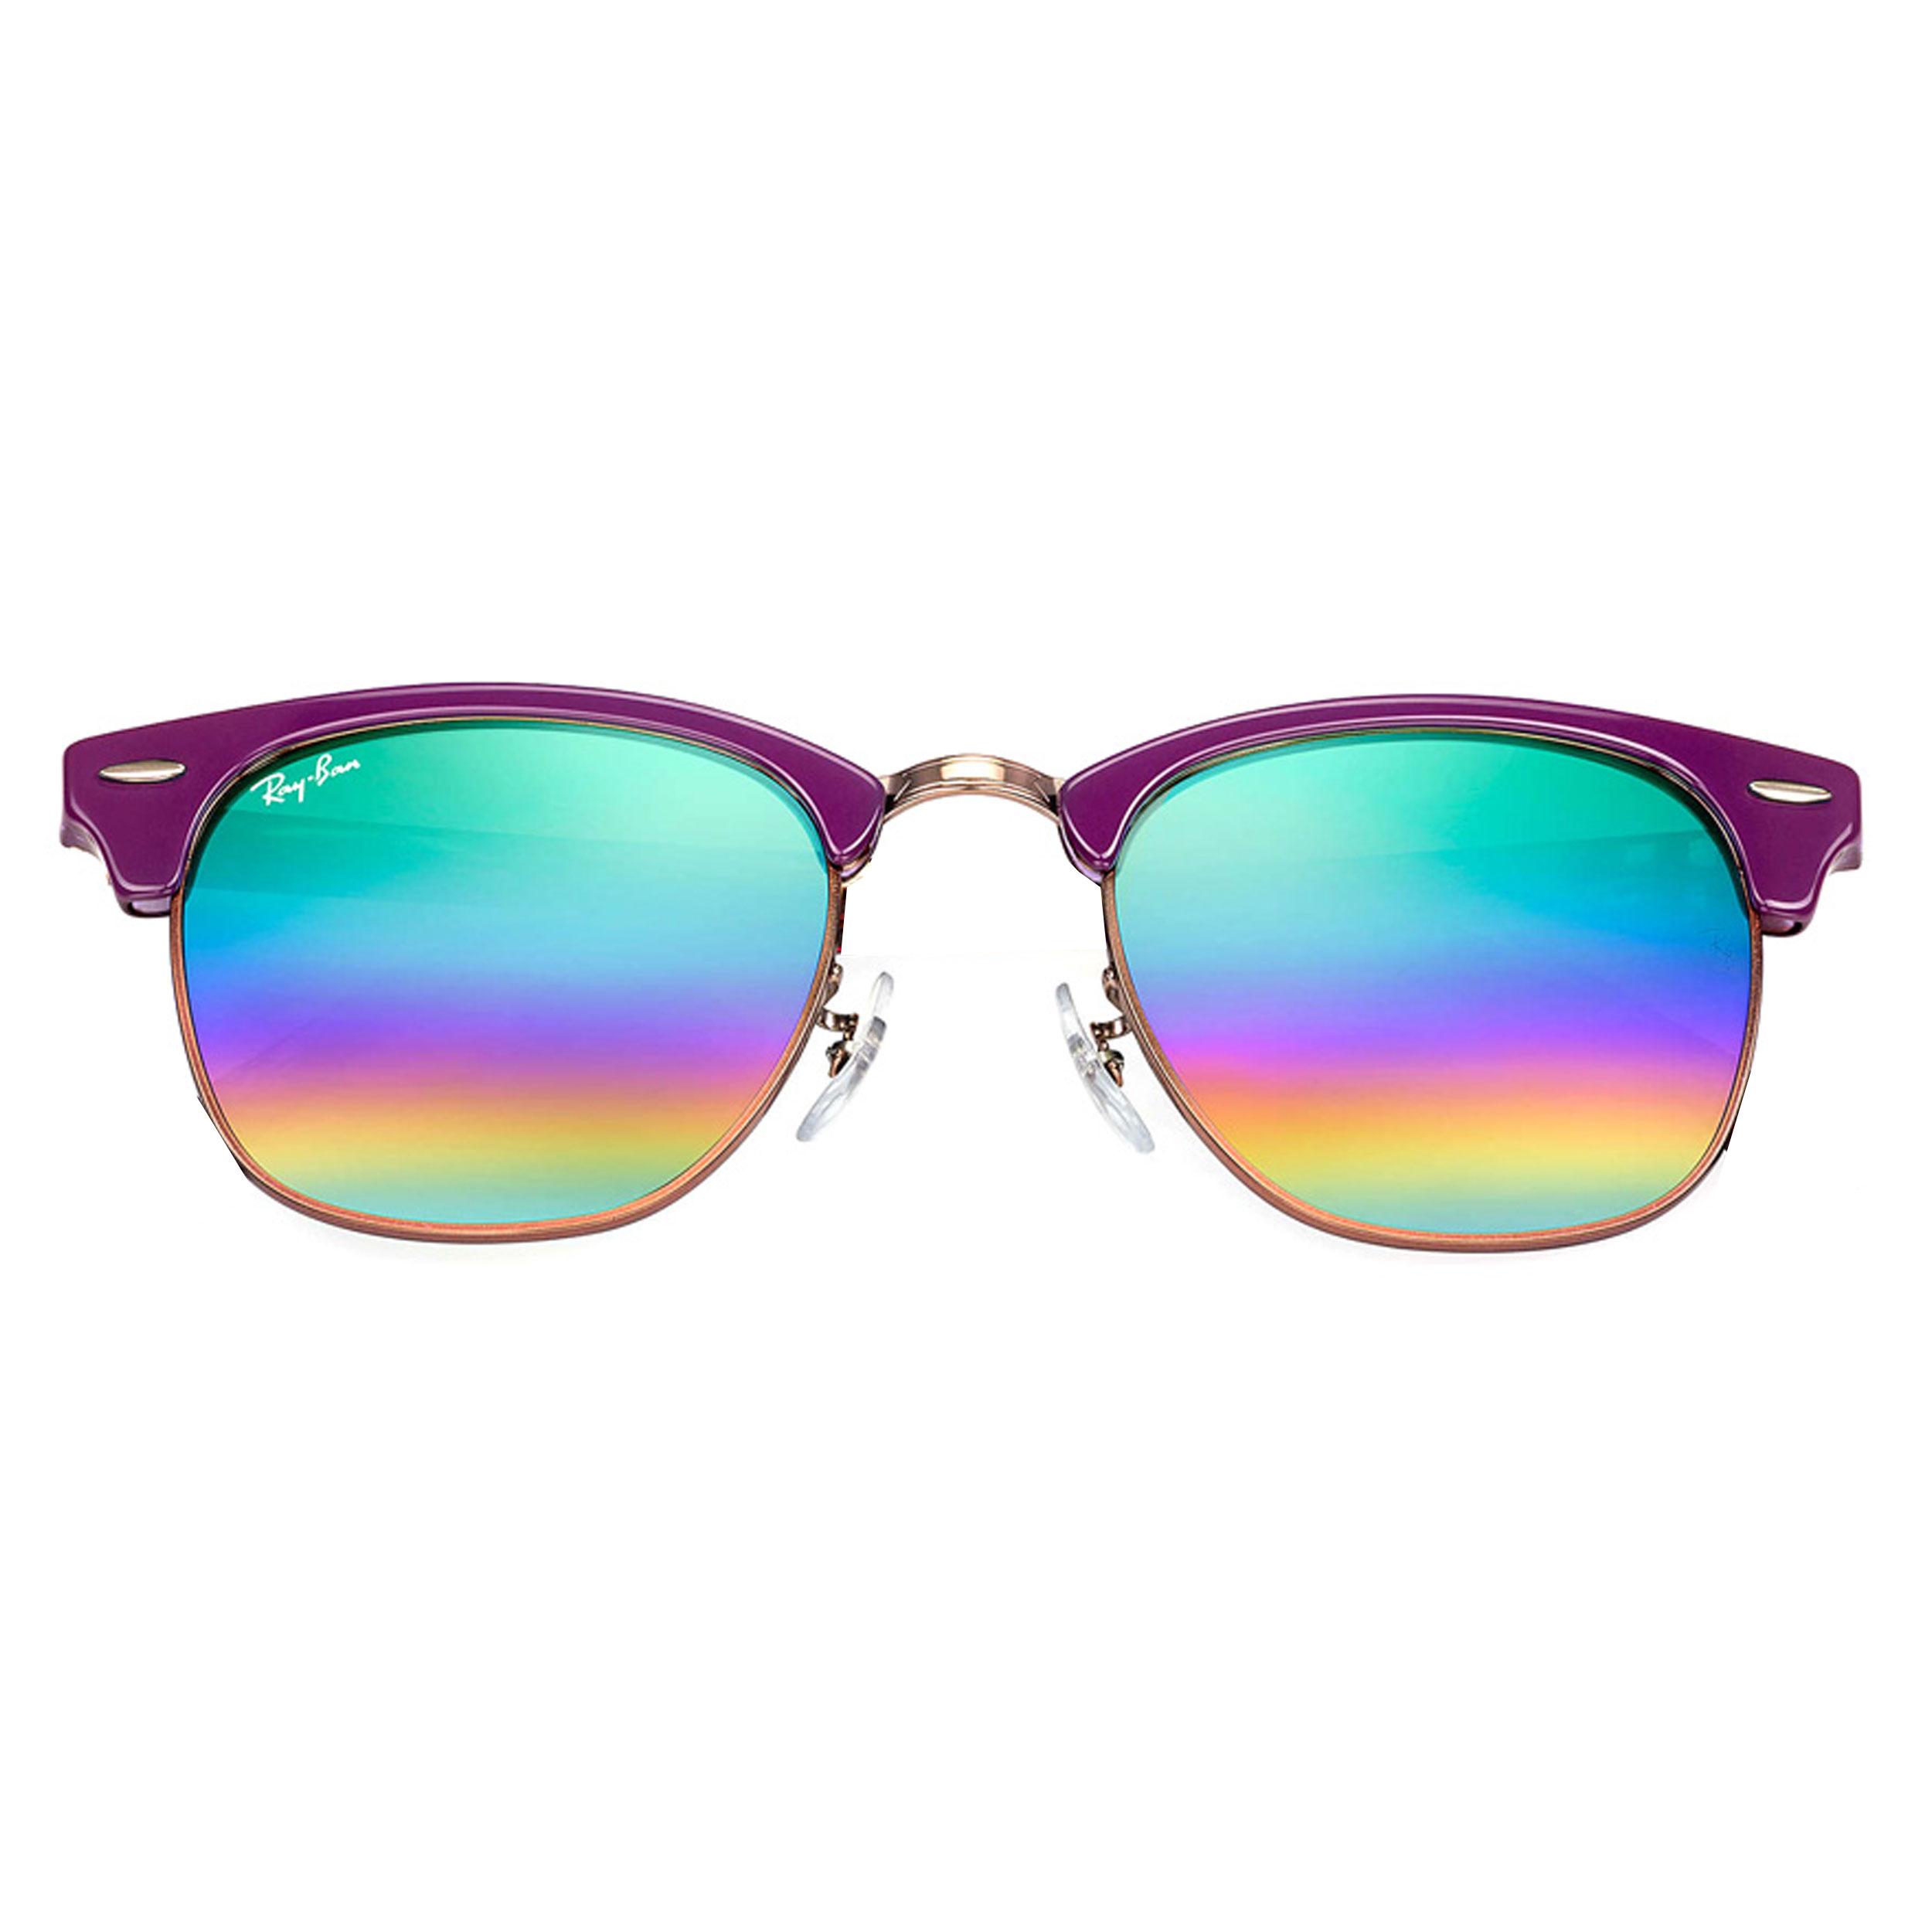 عینک آفتابی ری بن مدل 3016S 1221C3 51